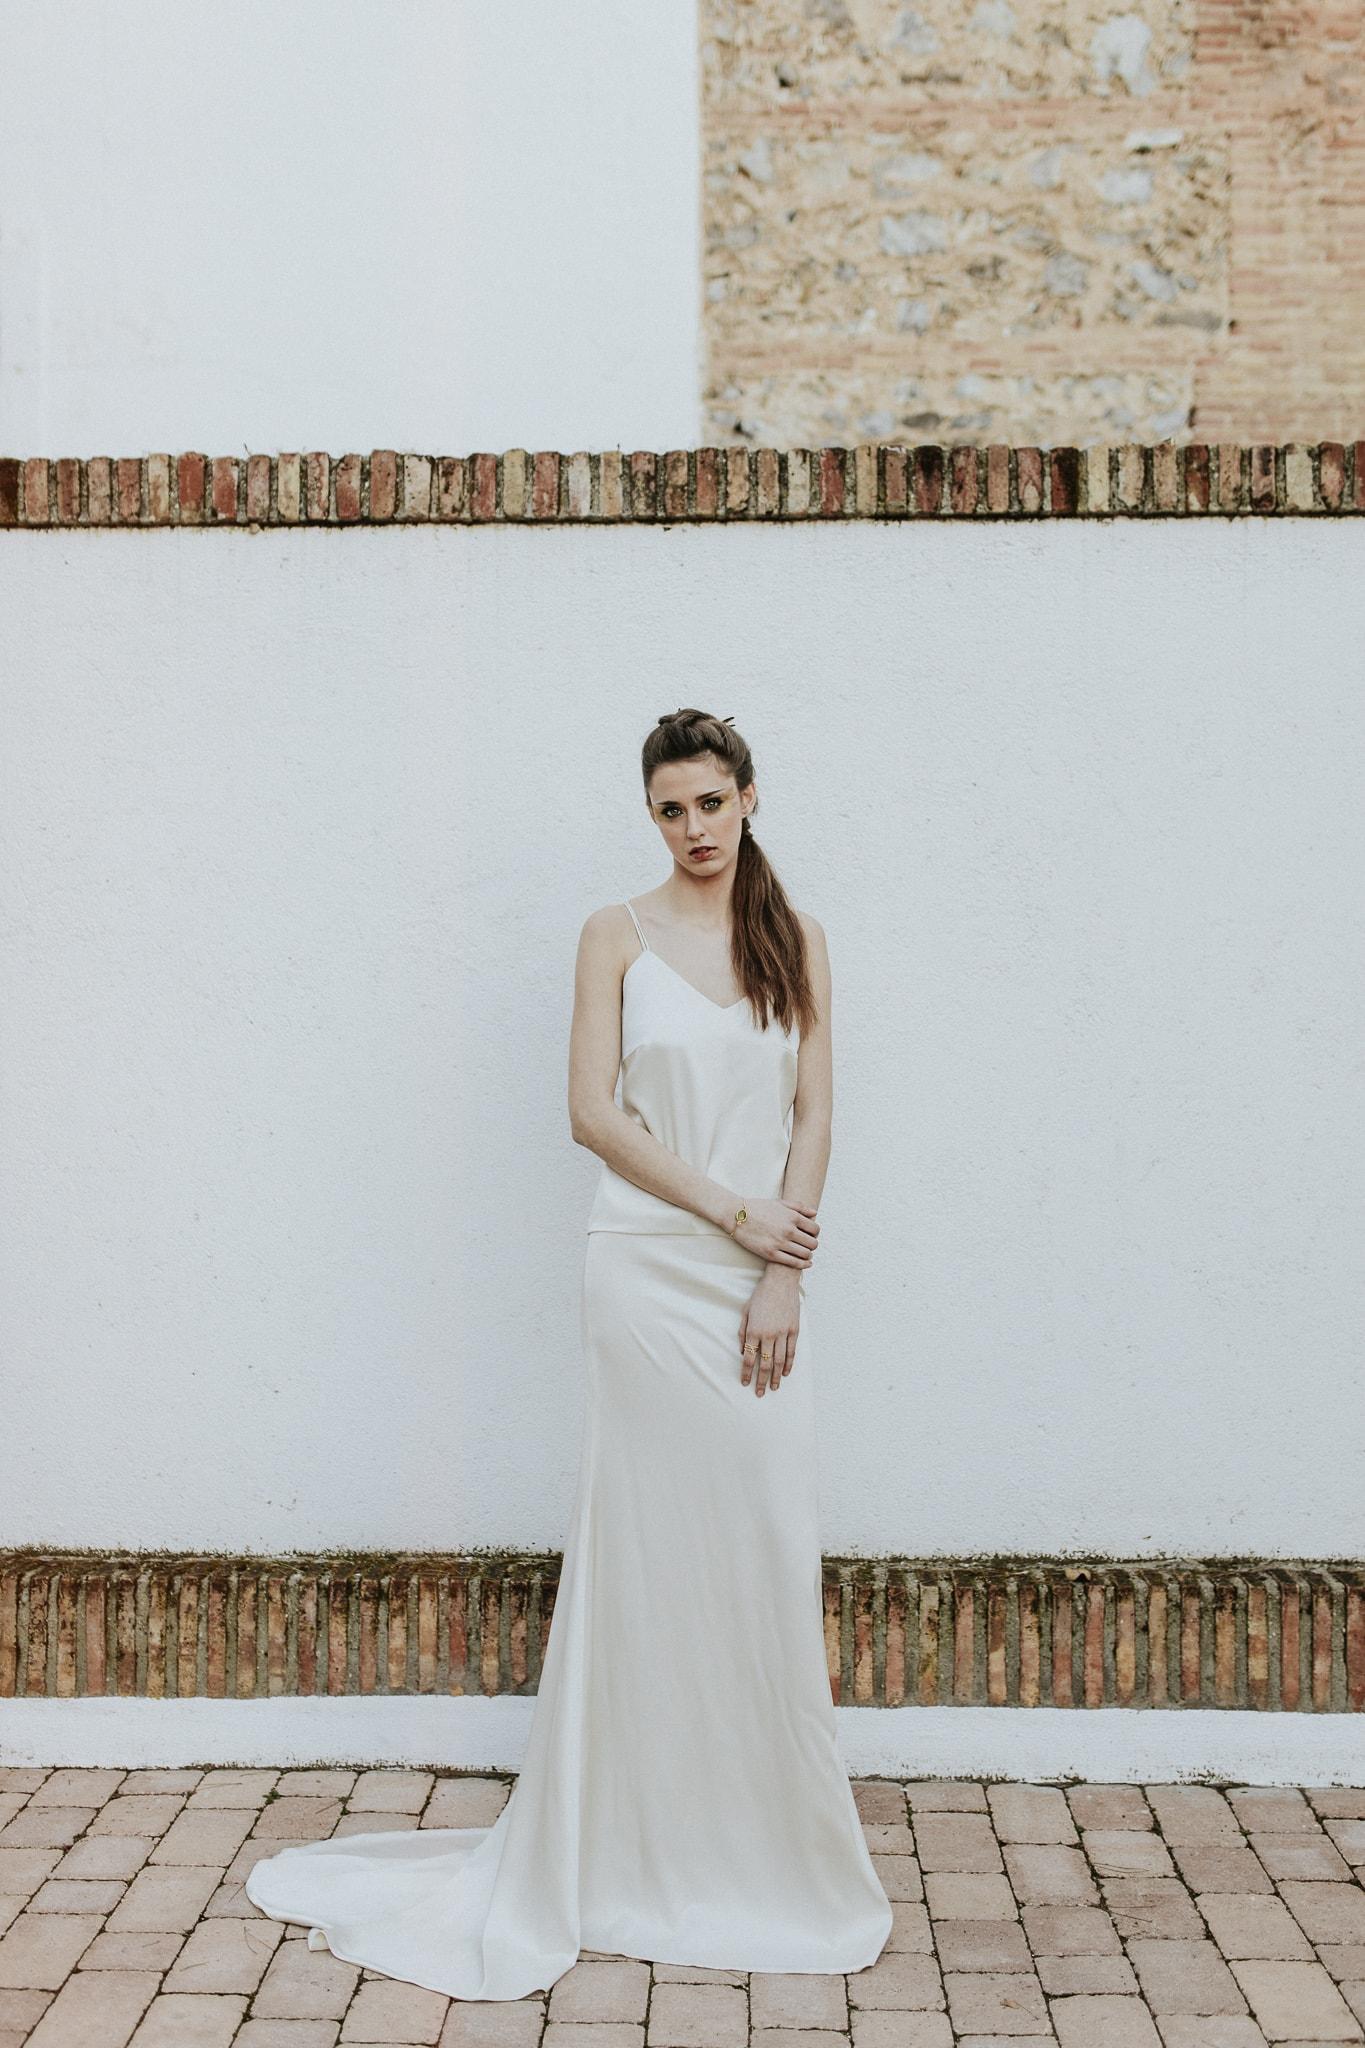 Prisma-Blanco-Fotografia-Bodas-Madrid-45